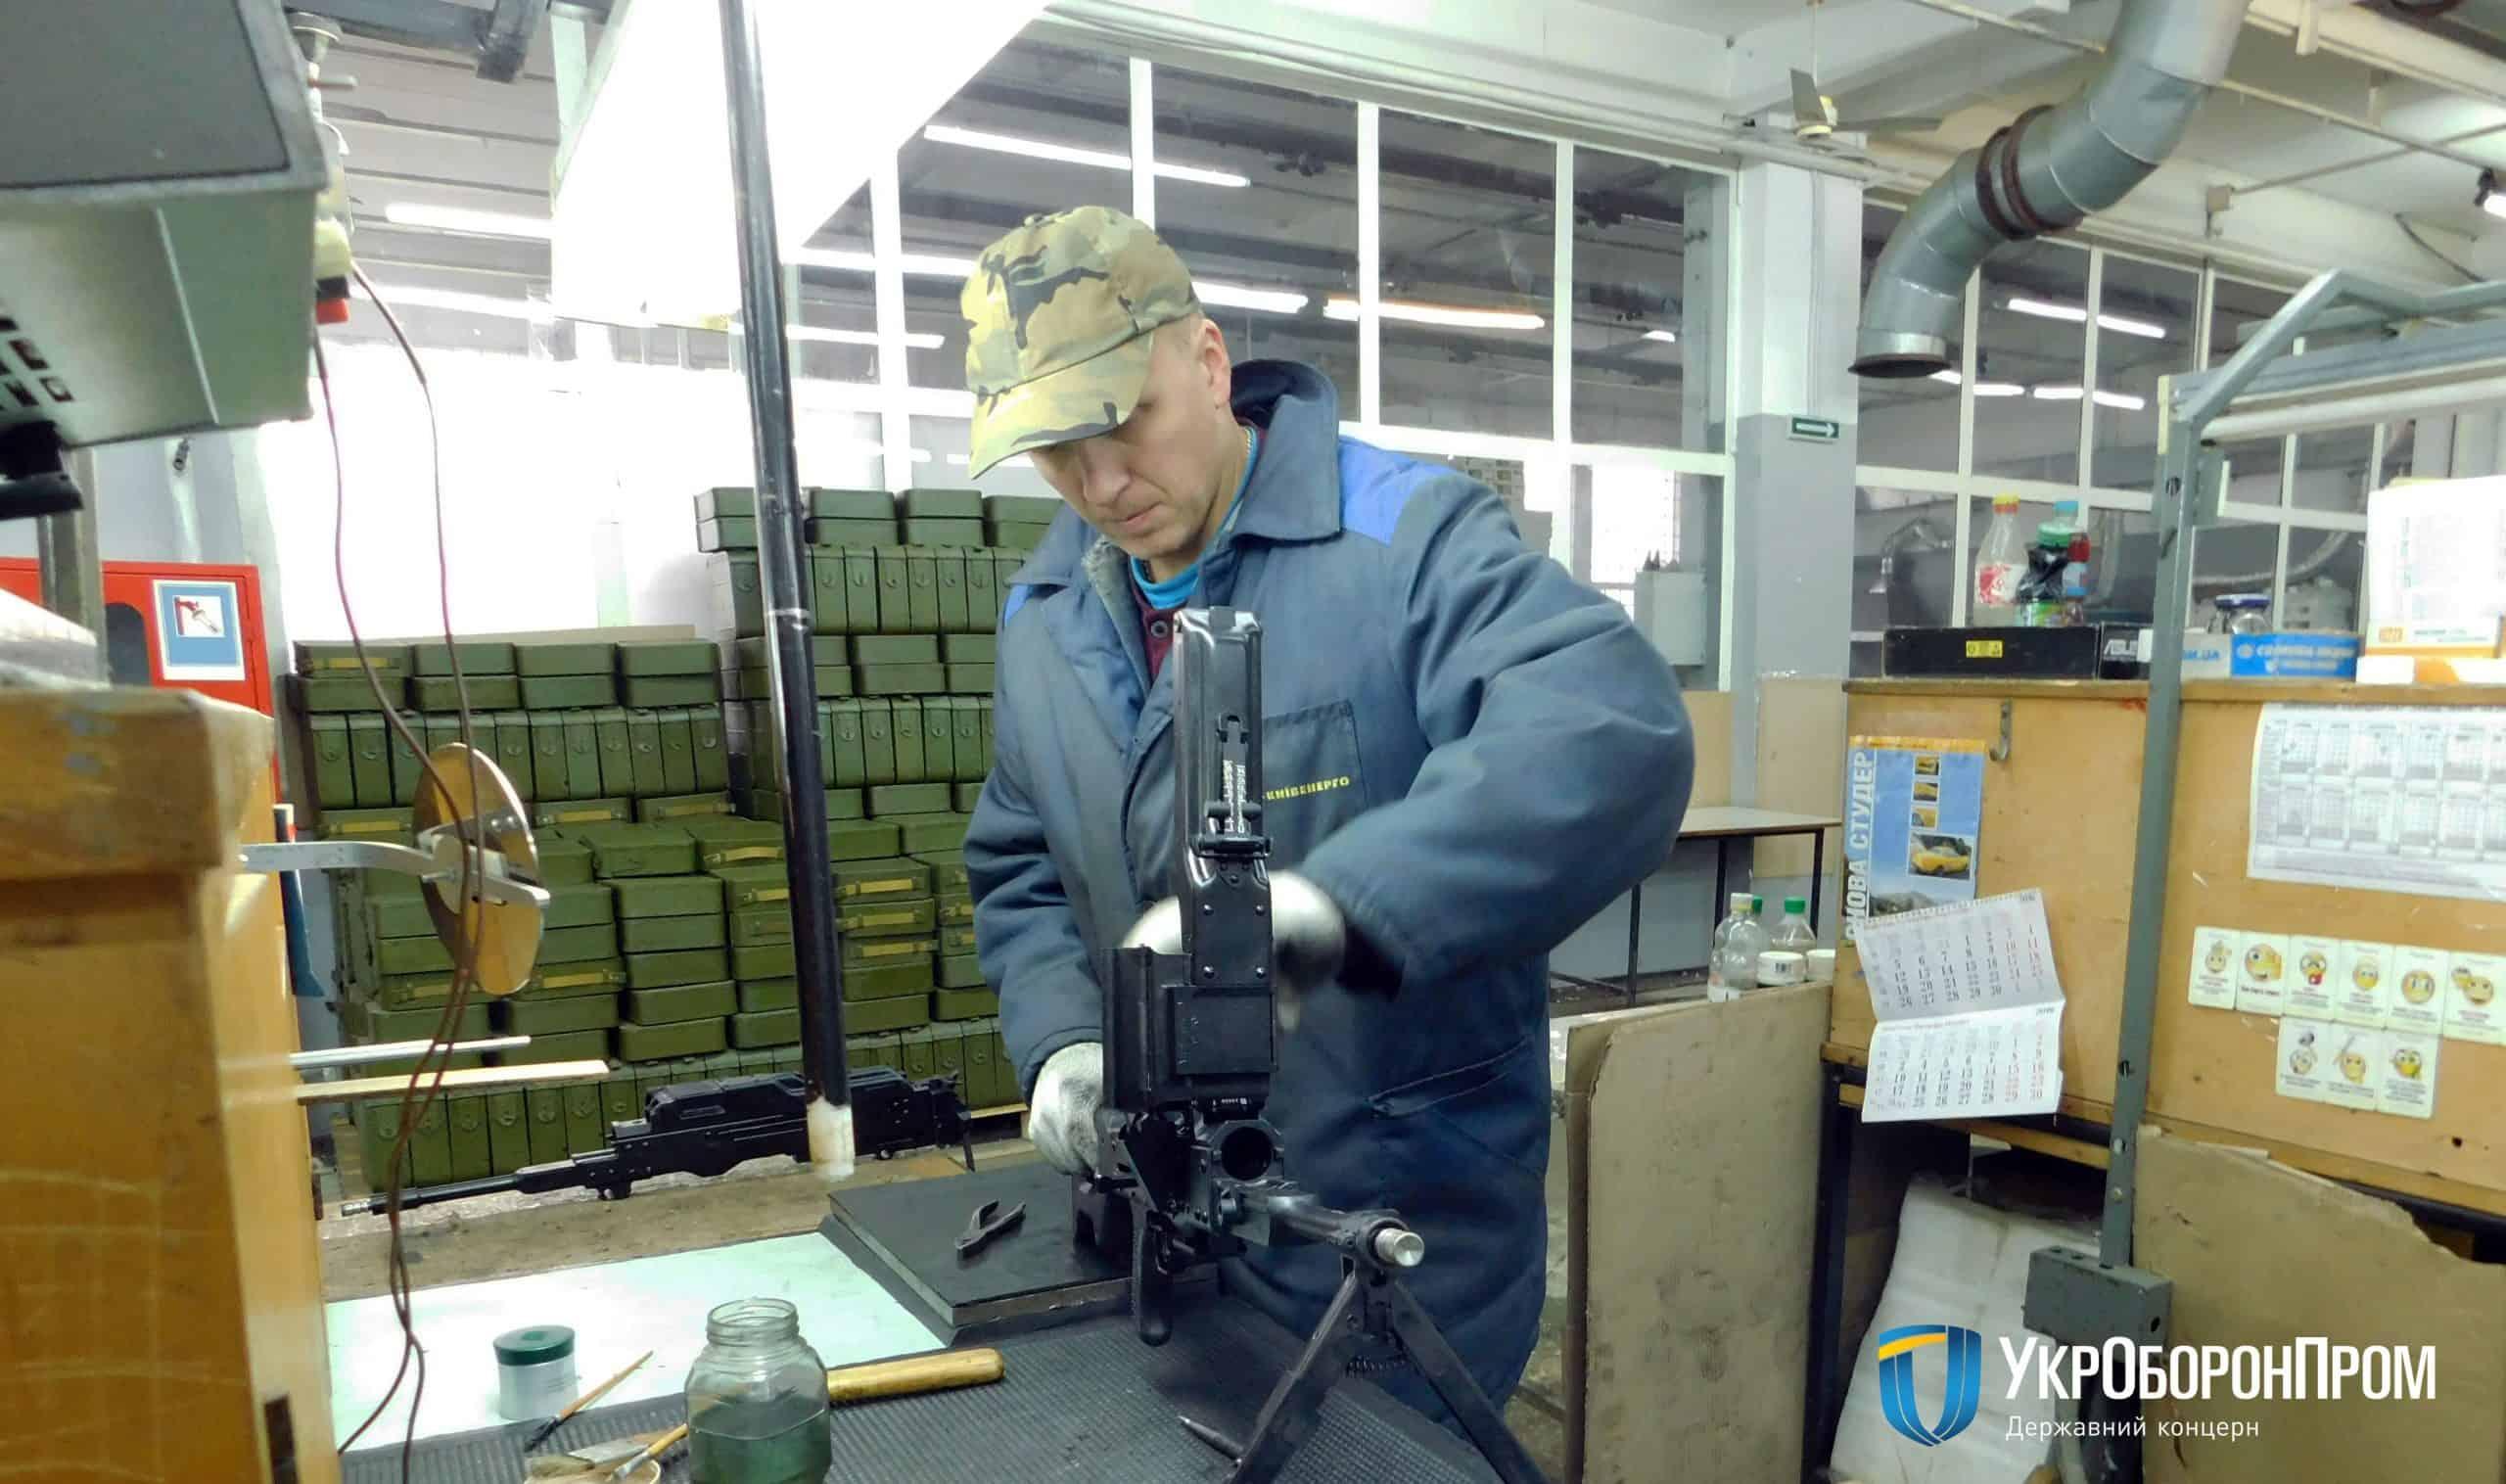 Процес виробництва кулеметів на заводі Маяк